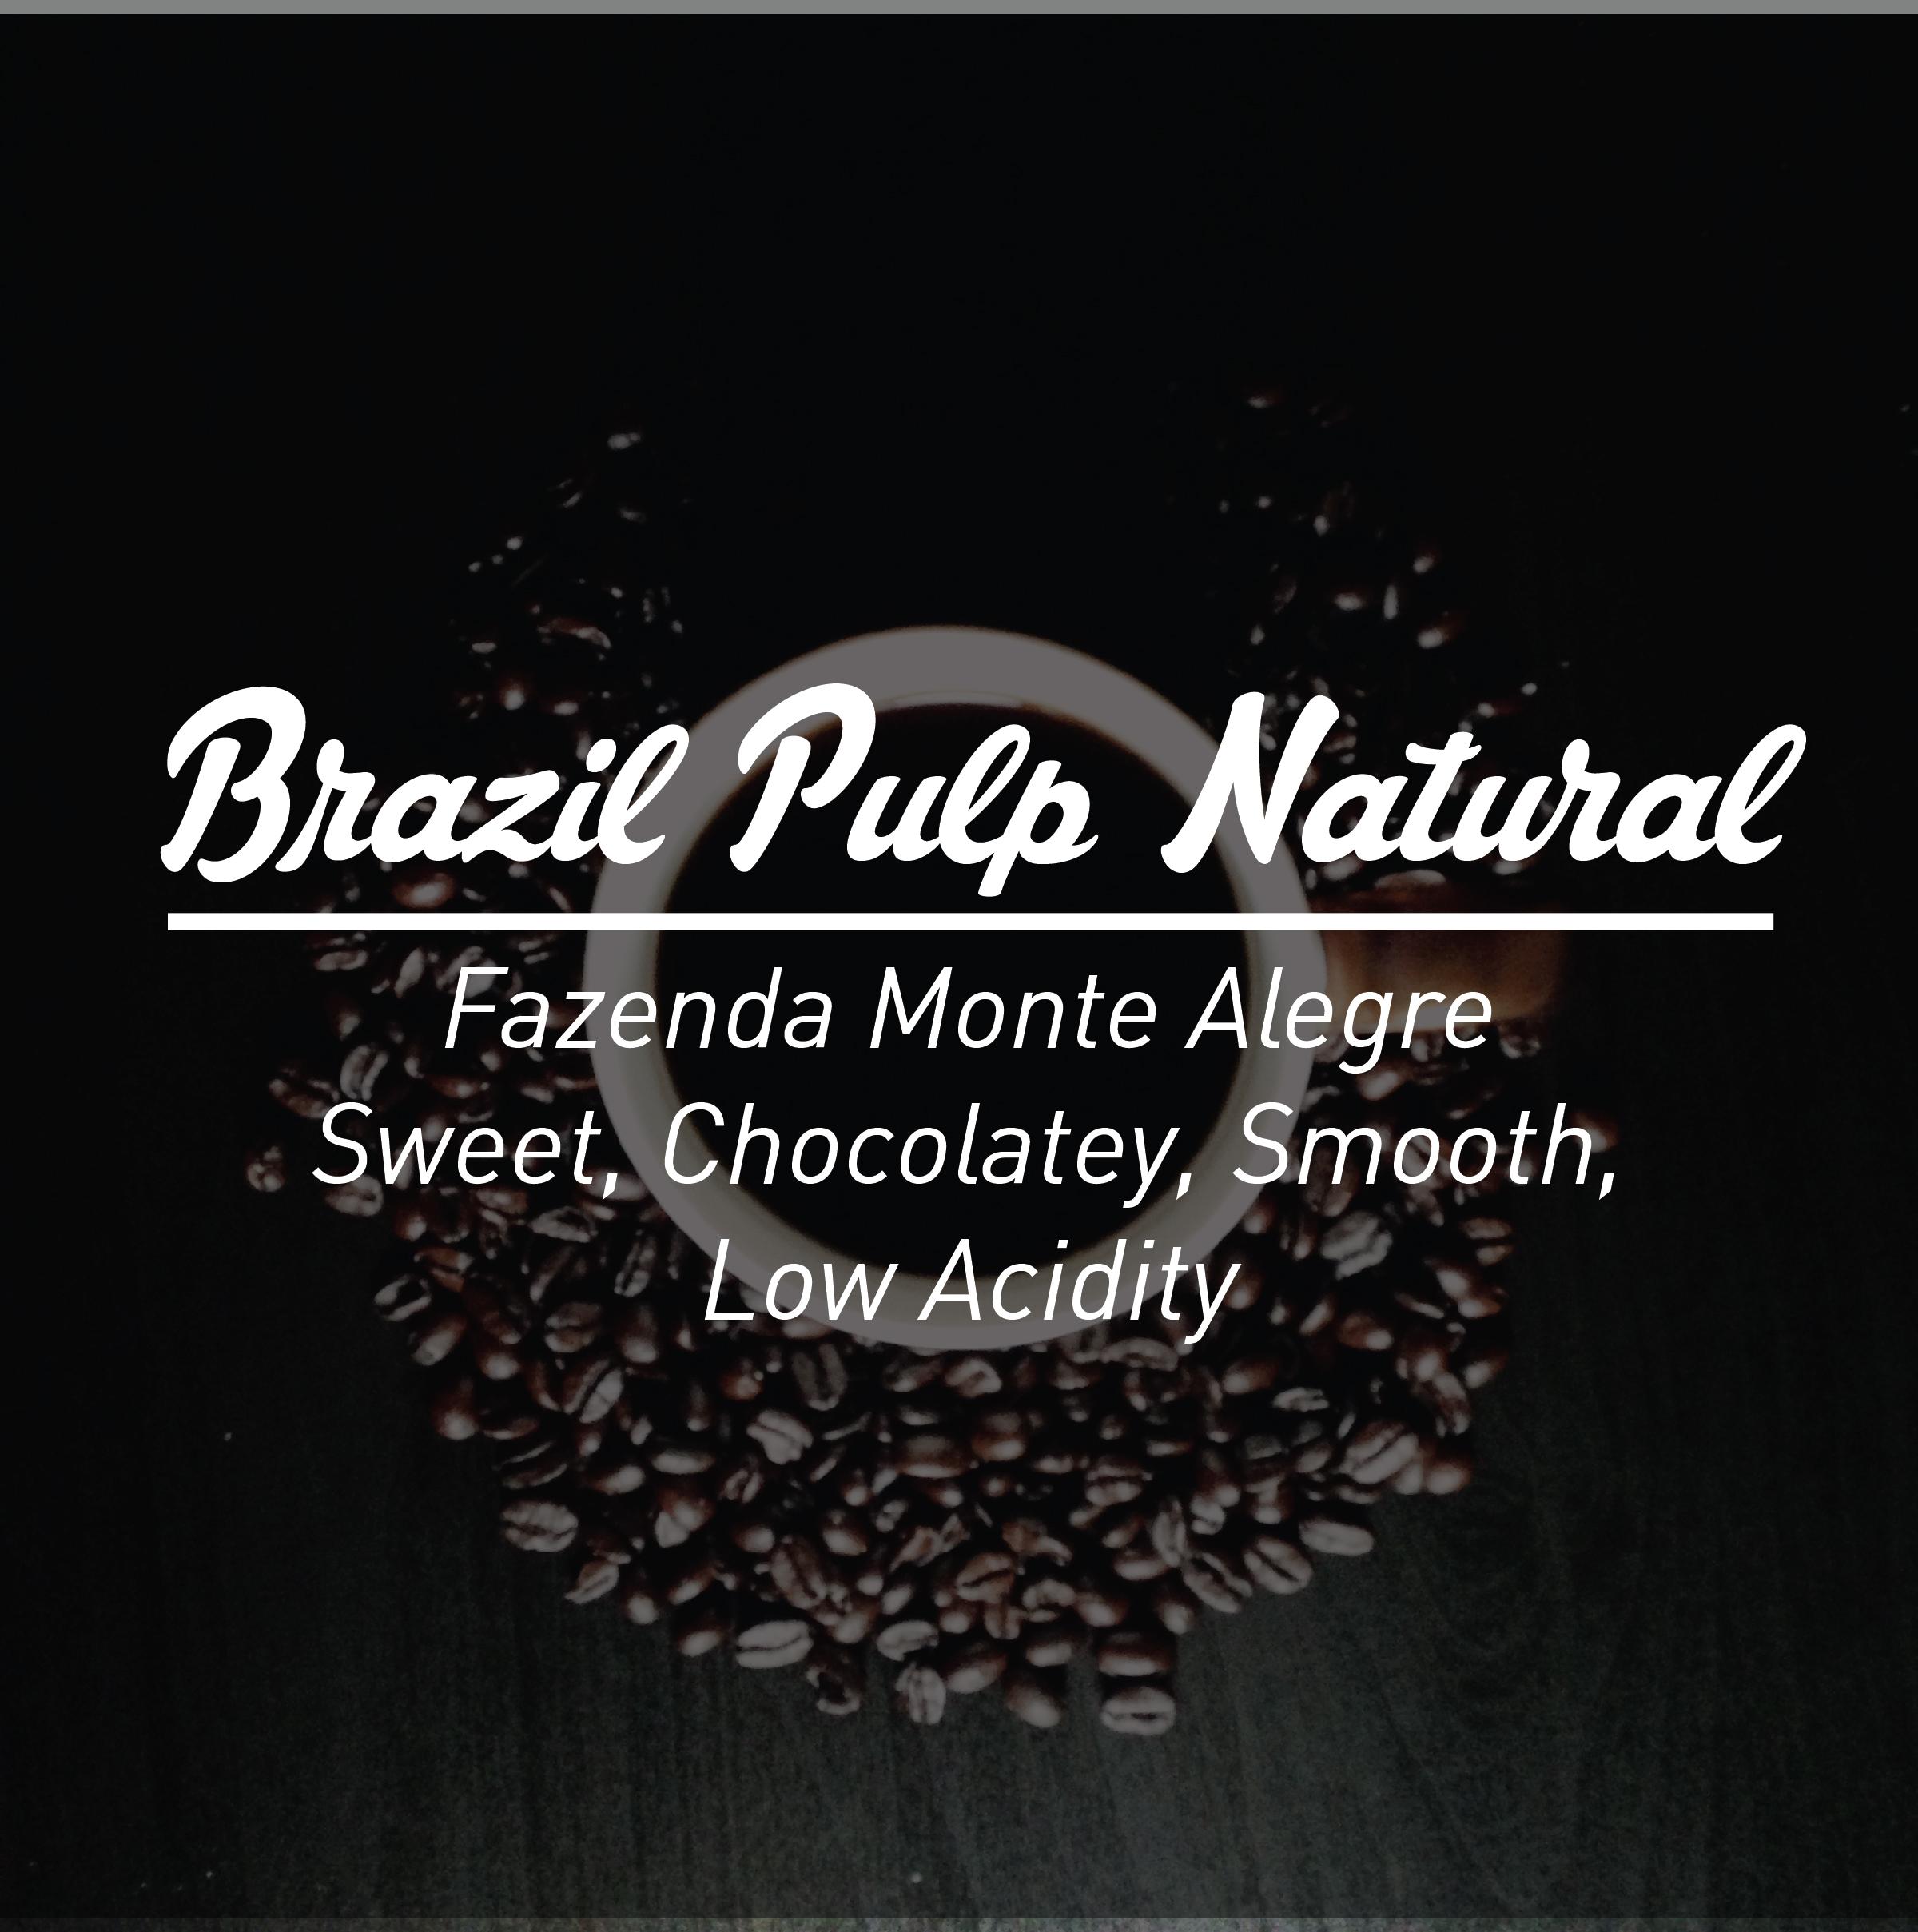 Pulp Natural Brazil.jpg